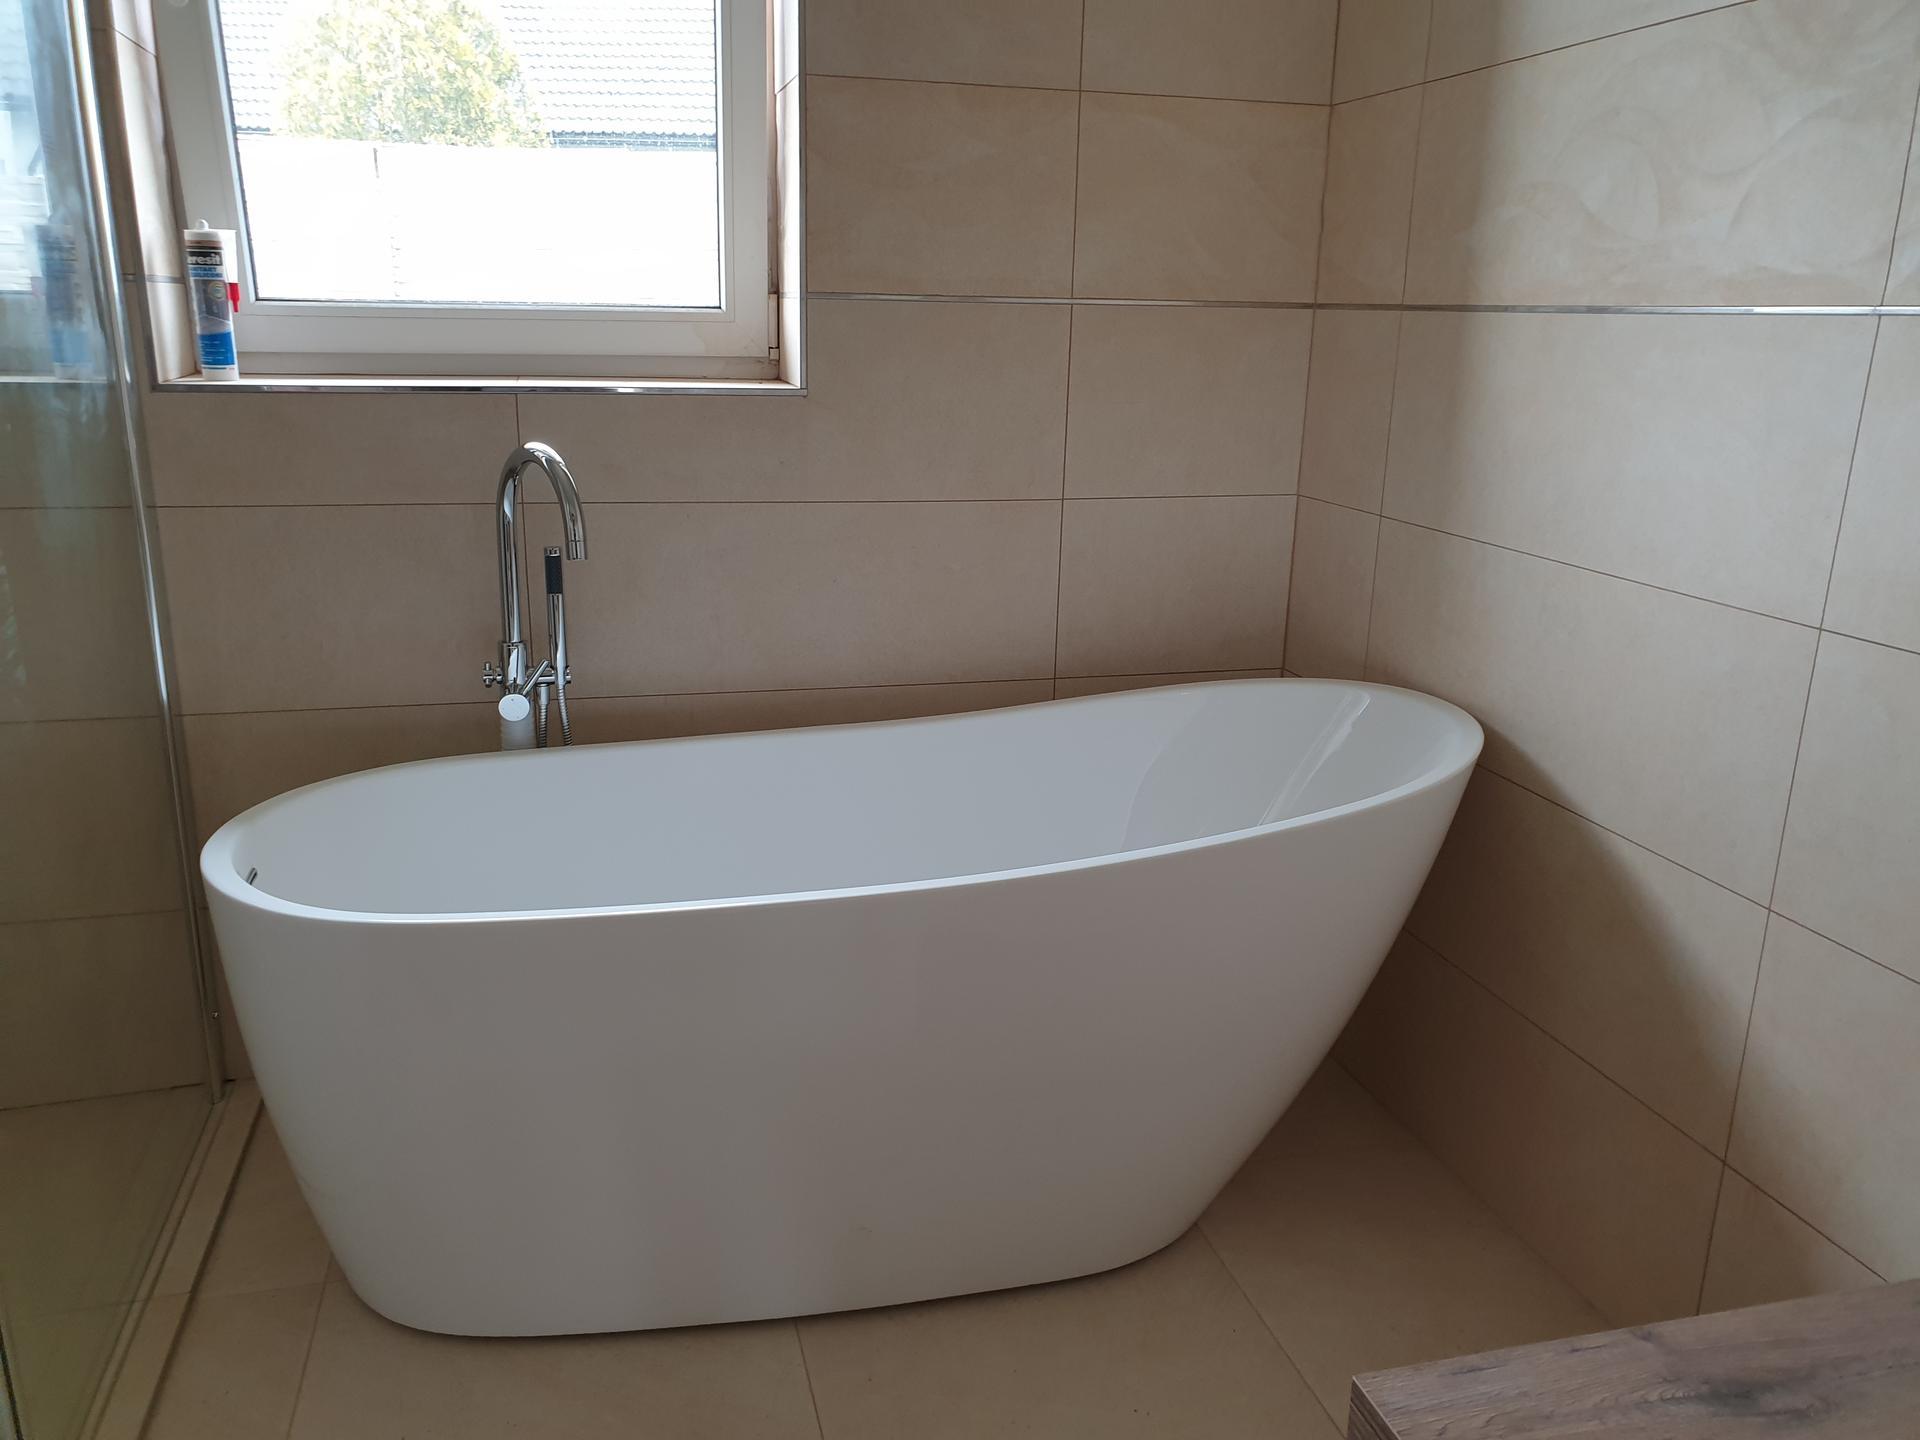 Koupelna - Obrázek č. 5